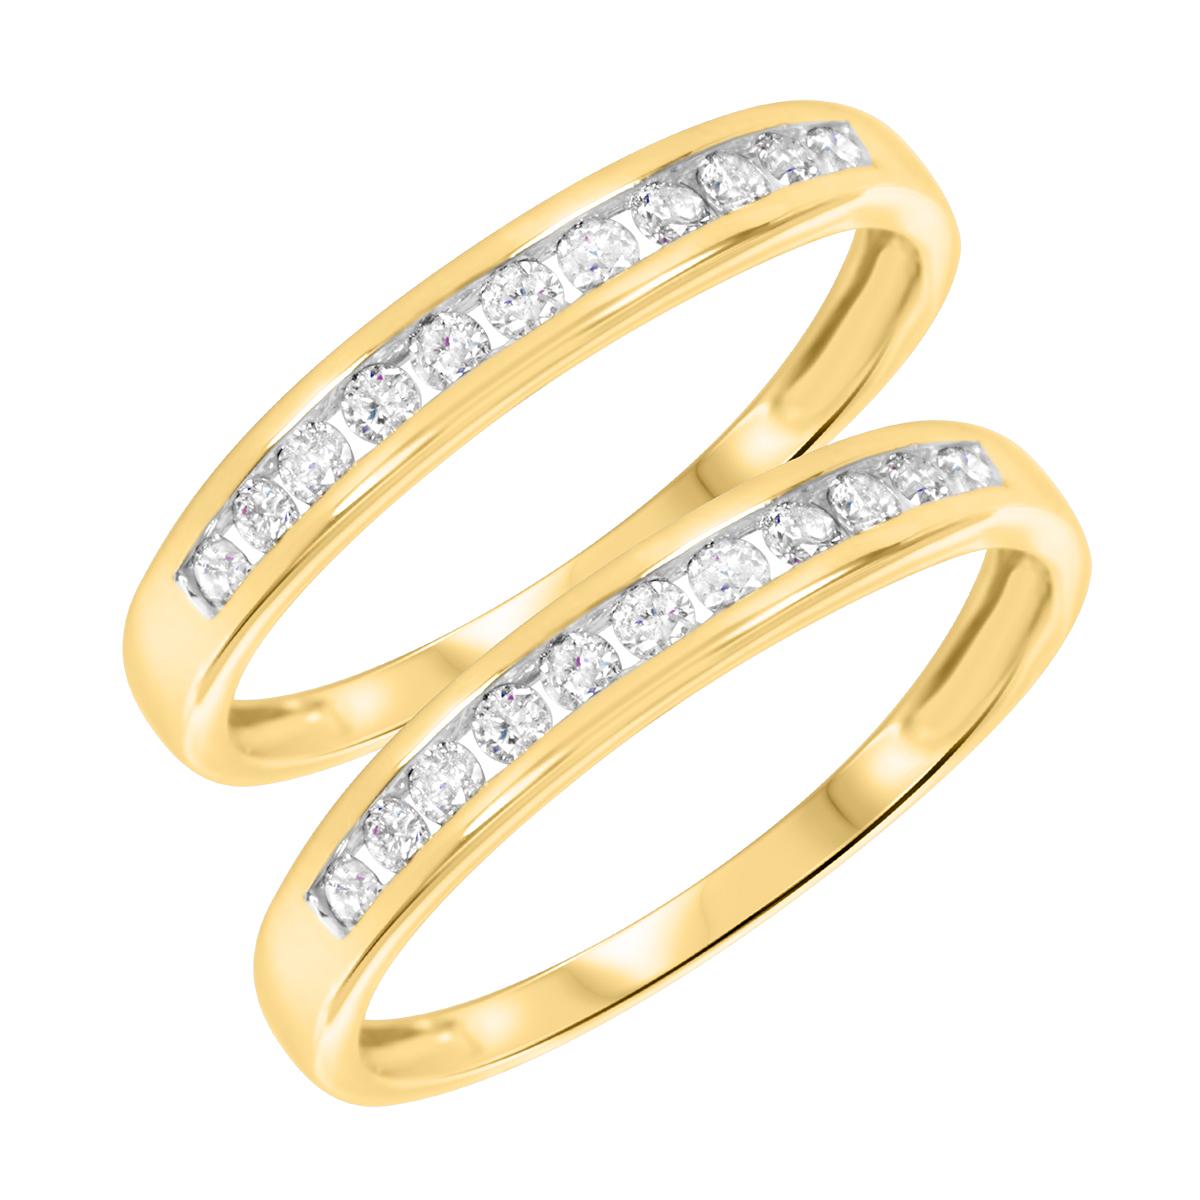 3/8 Carat T.W. Round Cut Ladies Same Sex Wedding Band Set 14K Yellow Gold- Size